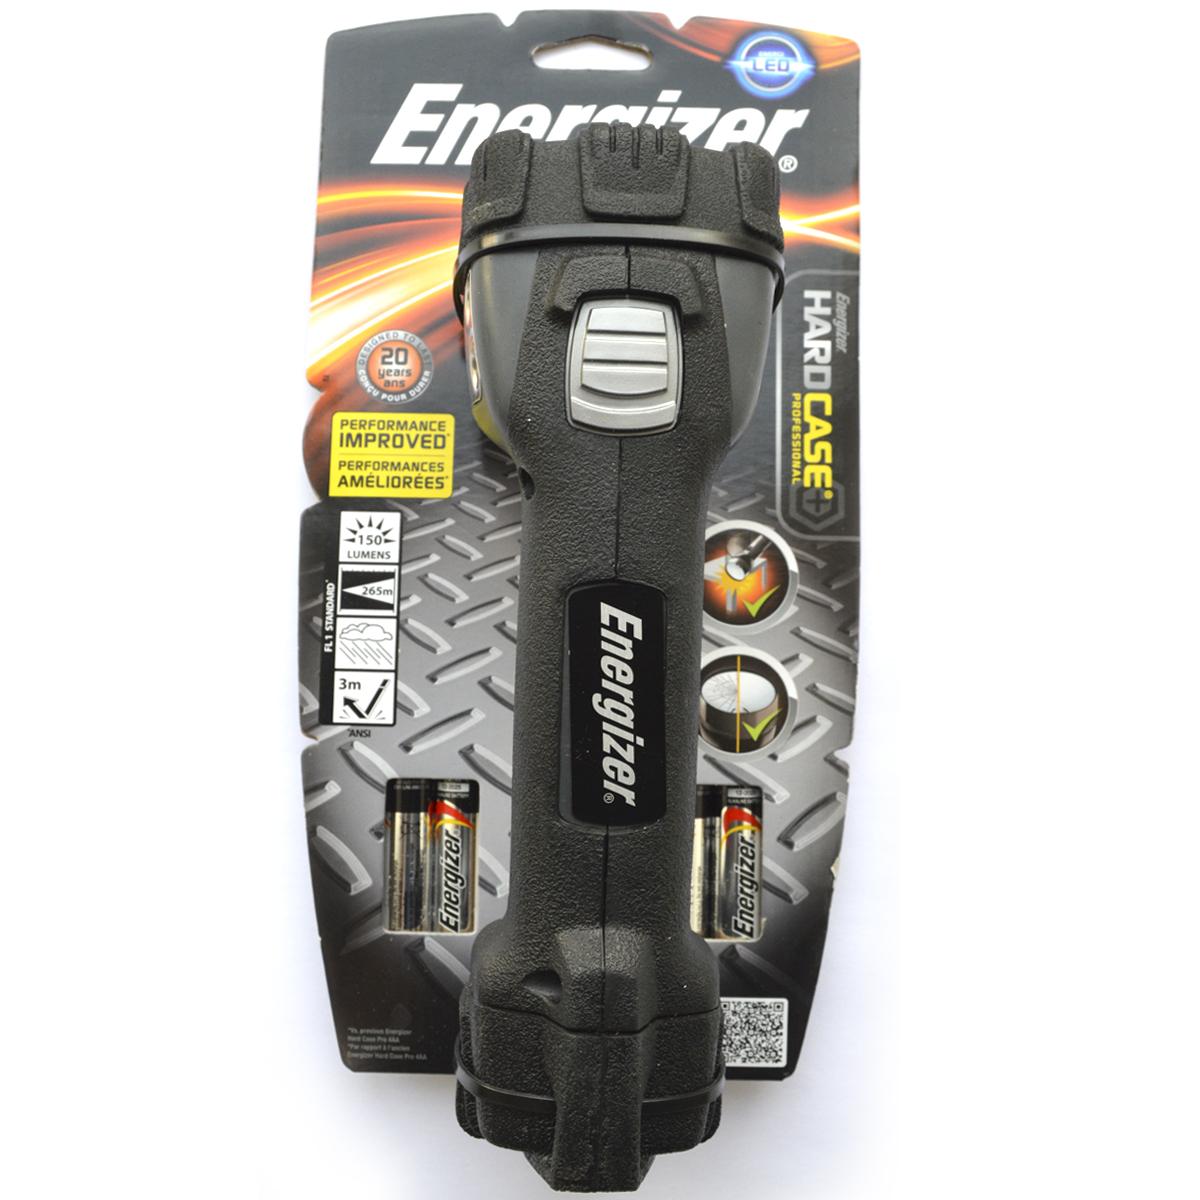 Фонарь ручной Energizer HardCase Pro 1LED. 638532638532Яркий белый точечный светодиод создает мощный узконаправленный луч Высокая ударопрочность Безосколочные линзы – небьющийся Чрезвычайно длительный срок службы – рассчитан на 15 лет Работает от 4 щелочных батареек типоразмера AA (в комплекте)